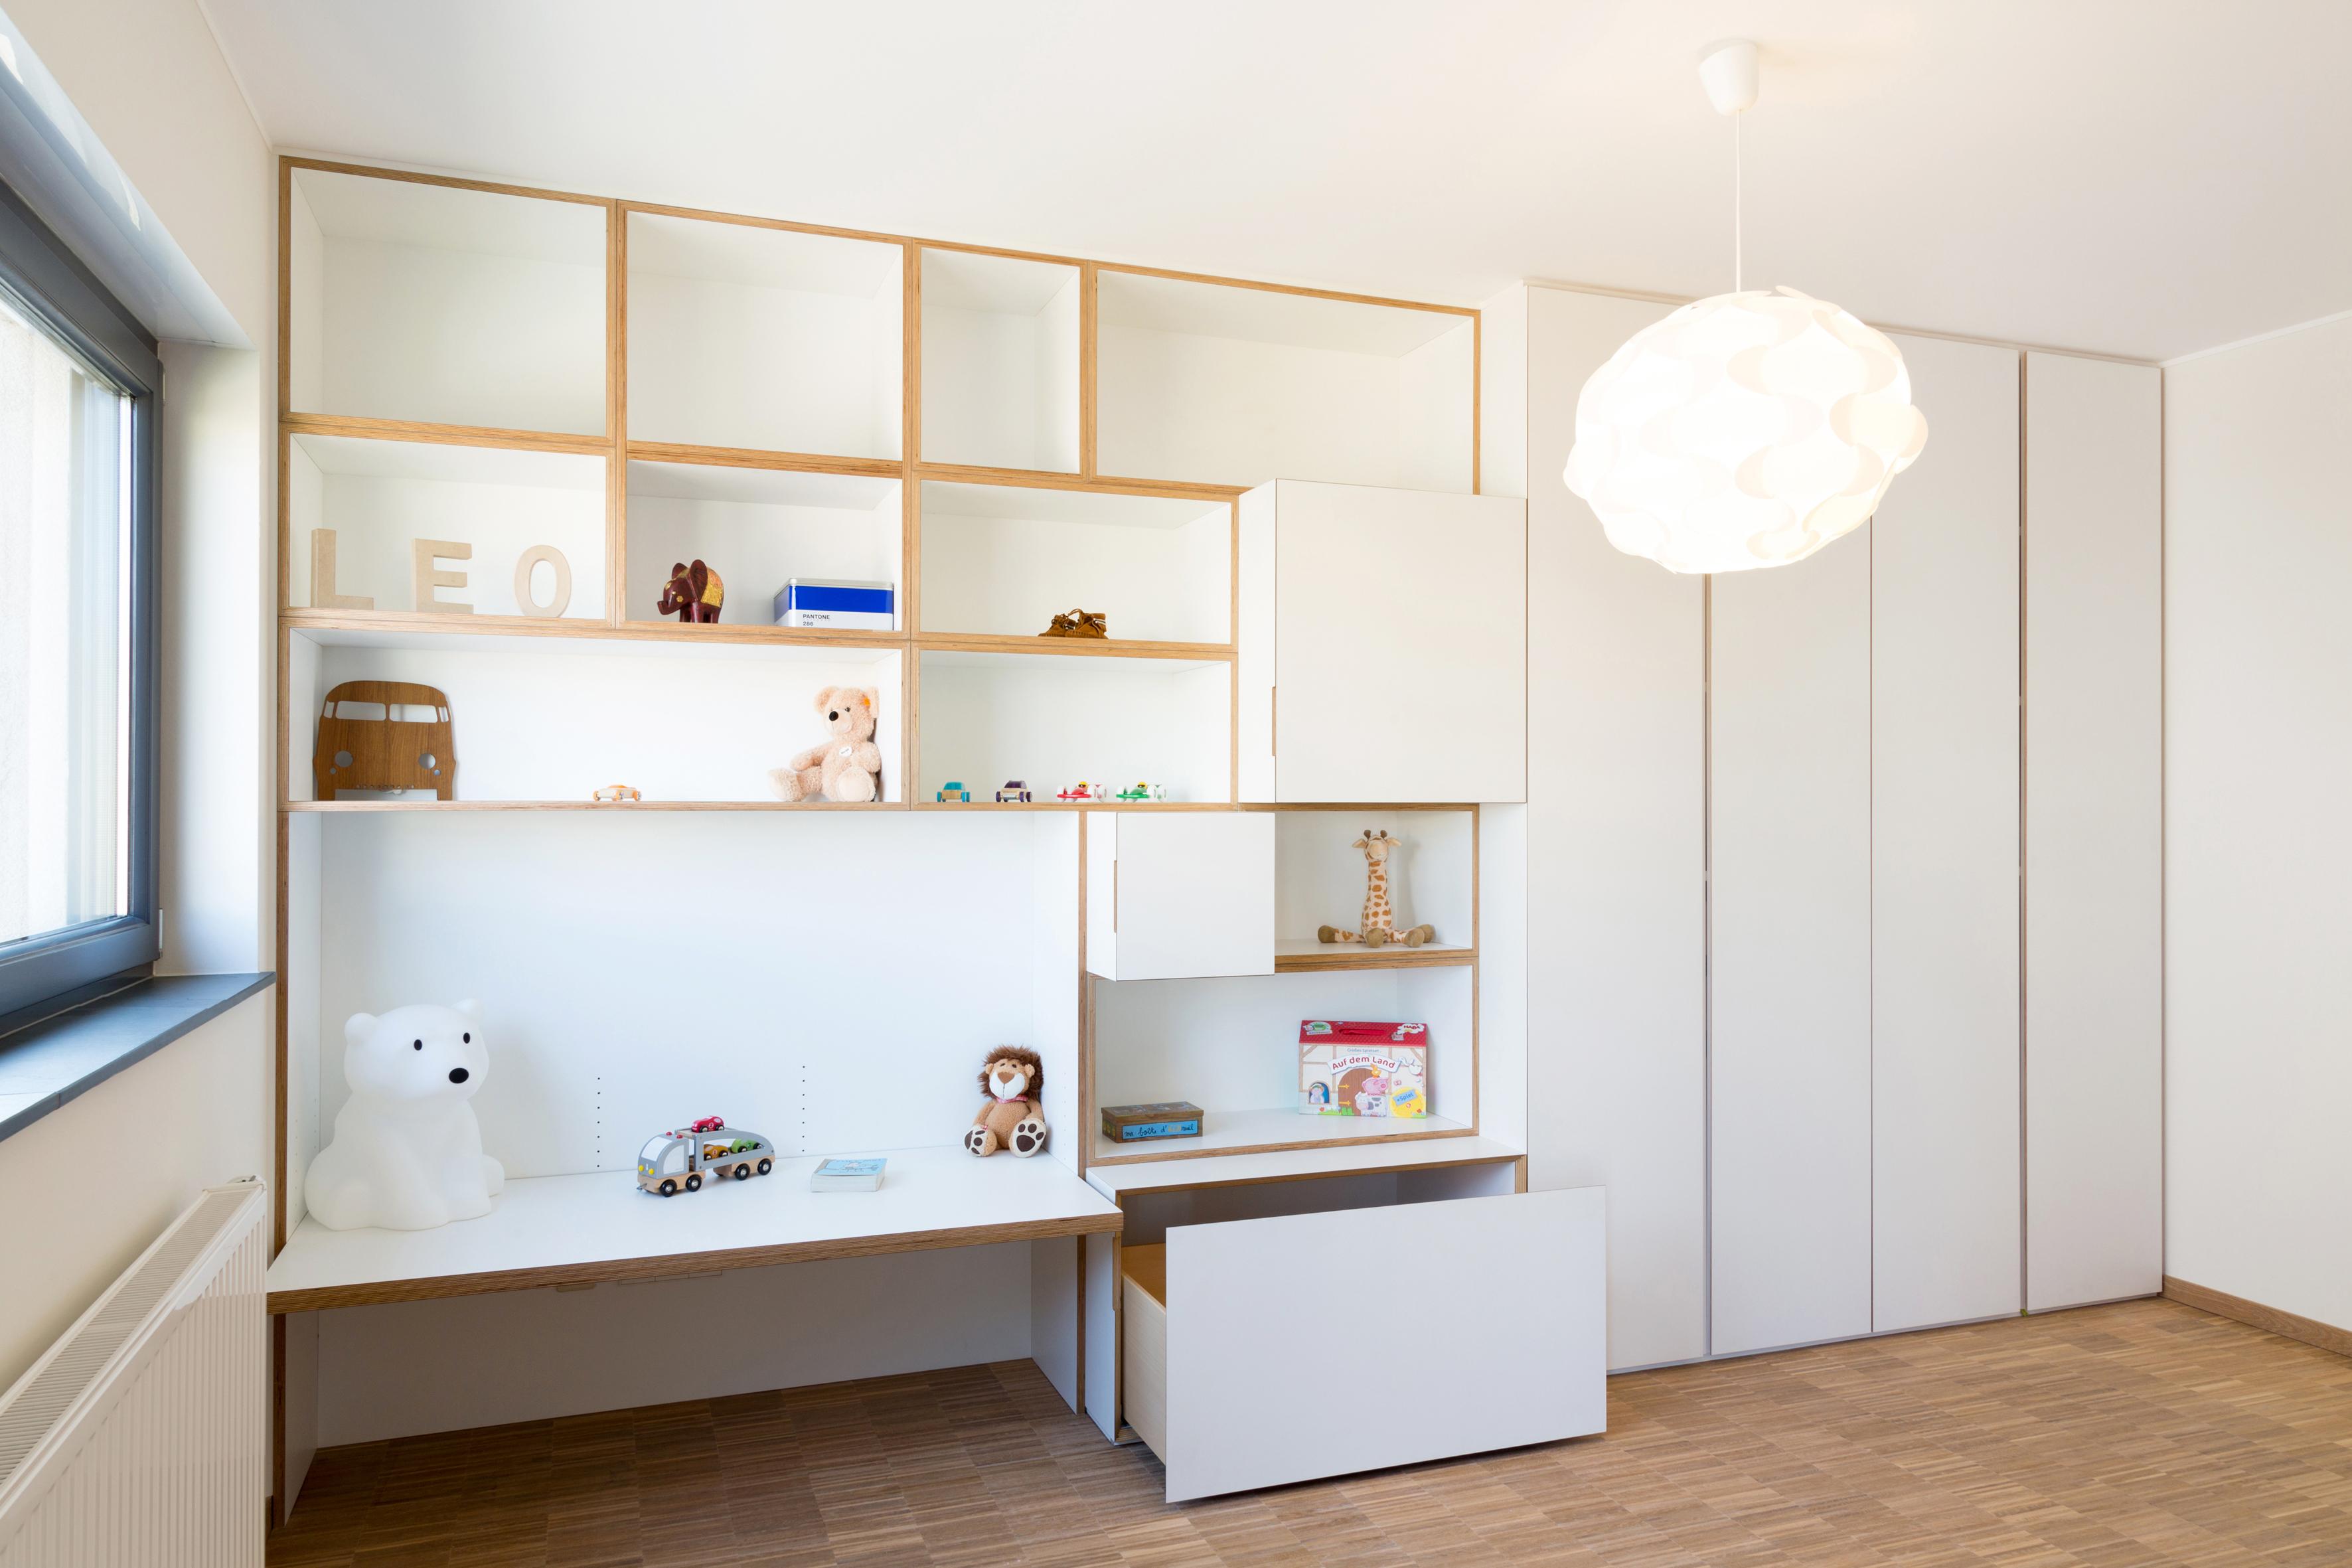 Планировка детской комнаты современной